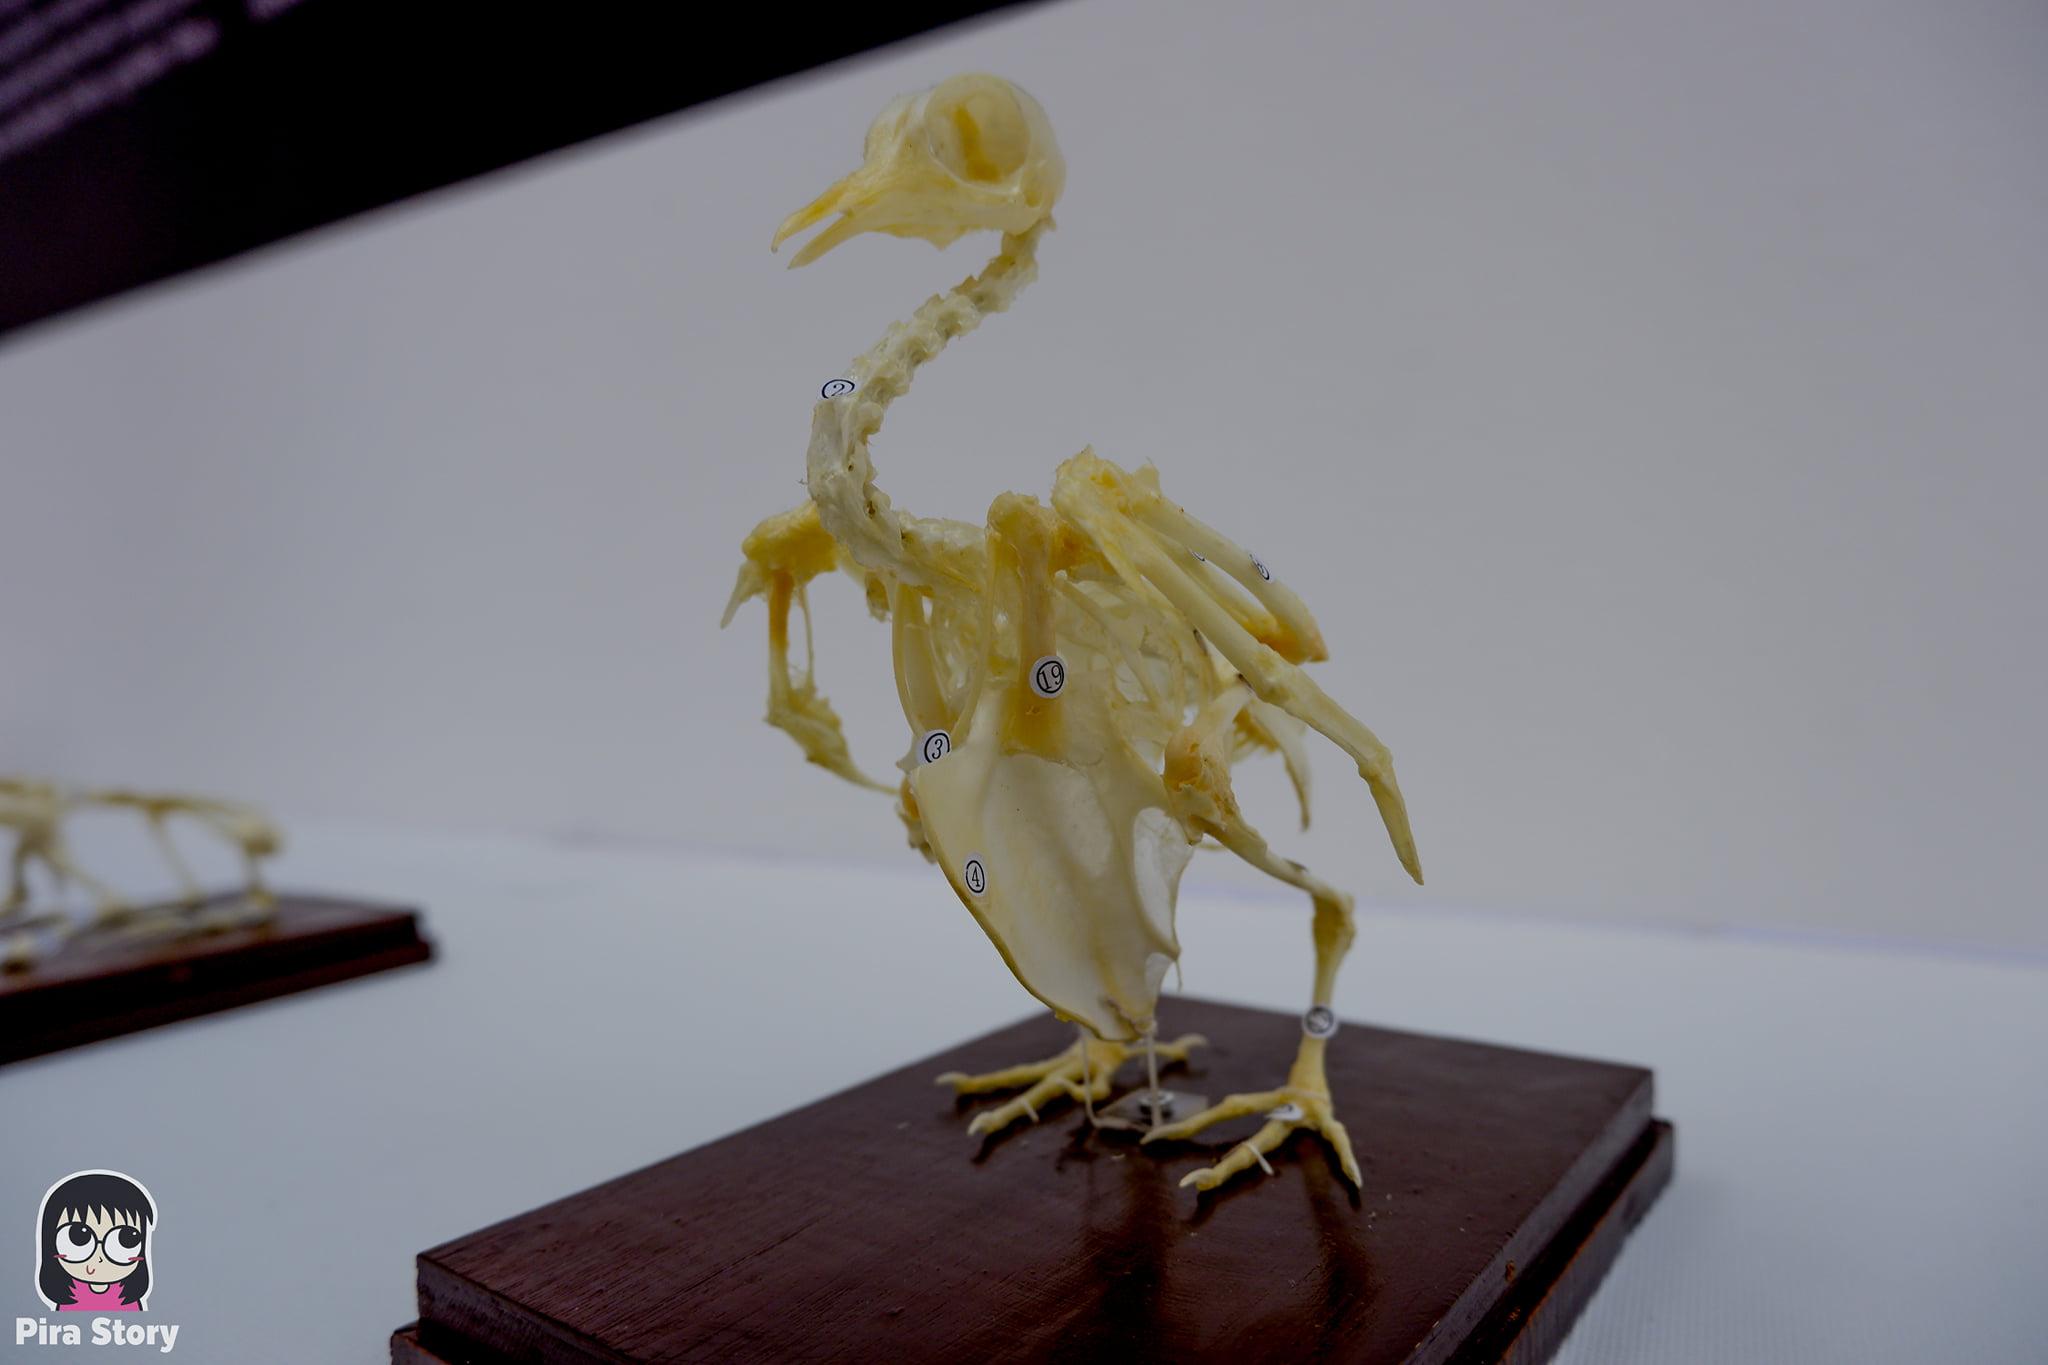 ความลับของโครงกระดูก Skeleton's Secrets ศึกษากายวิภาคสัตว์ ที่พิพิธภัณฑ์ จุฬาลงกรณ์มหาวิทยาลัย คณะวิทยาศาสตร์ ชีววิทยา Night at the museum 2020 เที่ยวพิพิธภัณฑ์ เที่ยวกรุงเทพ สยาม กระดูกสัตว์ กายวิภาคศาสตร์ โครงสร้างร่างกาย โครงสร้างกระดูก สัตว์เลี้ยงลูกด้วยนม สัตว์มีกระดูกสันหลัง กระดูกกบ โครงสร้างกบ ผ่ากบ กระดูกไก่